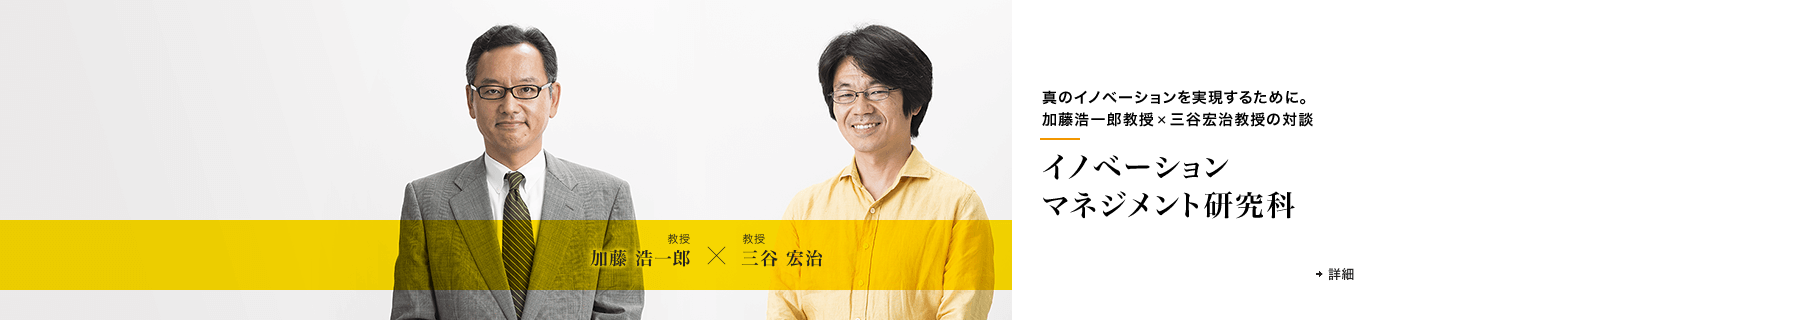 真のイノベーションを実現するために。加藤浩一郎教授×三谷宏治教授の対談 イノベーションマネジメント研究科